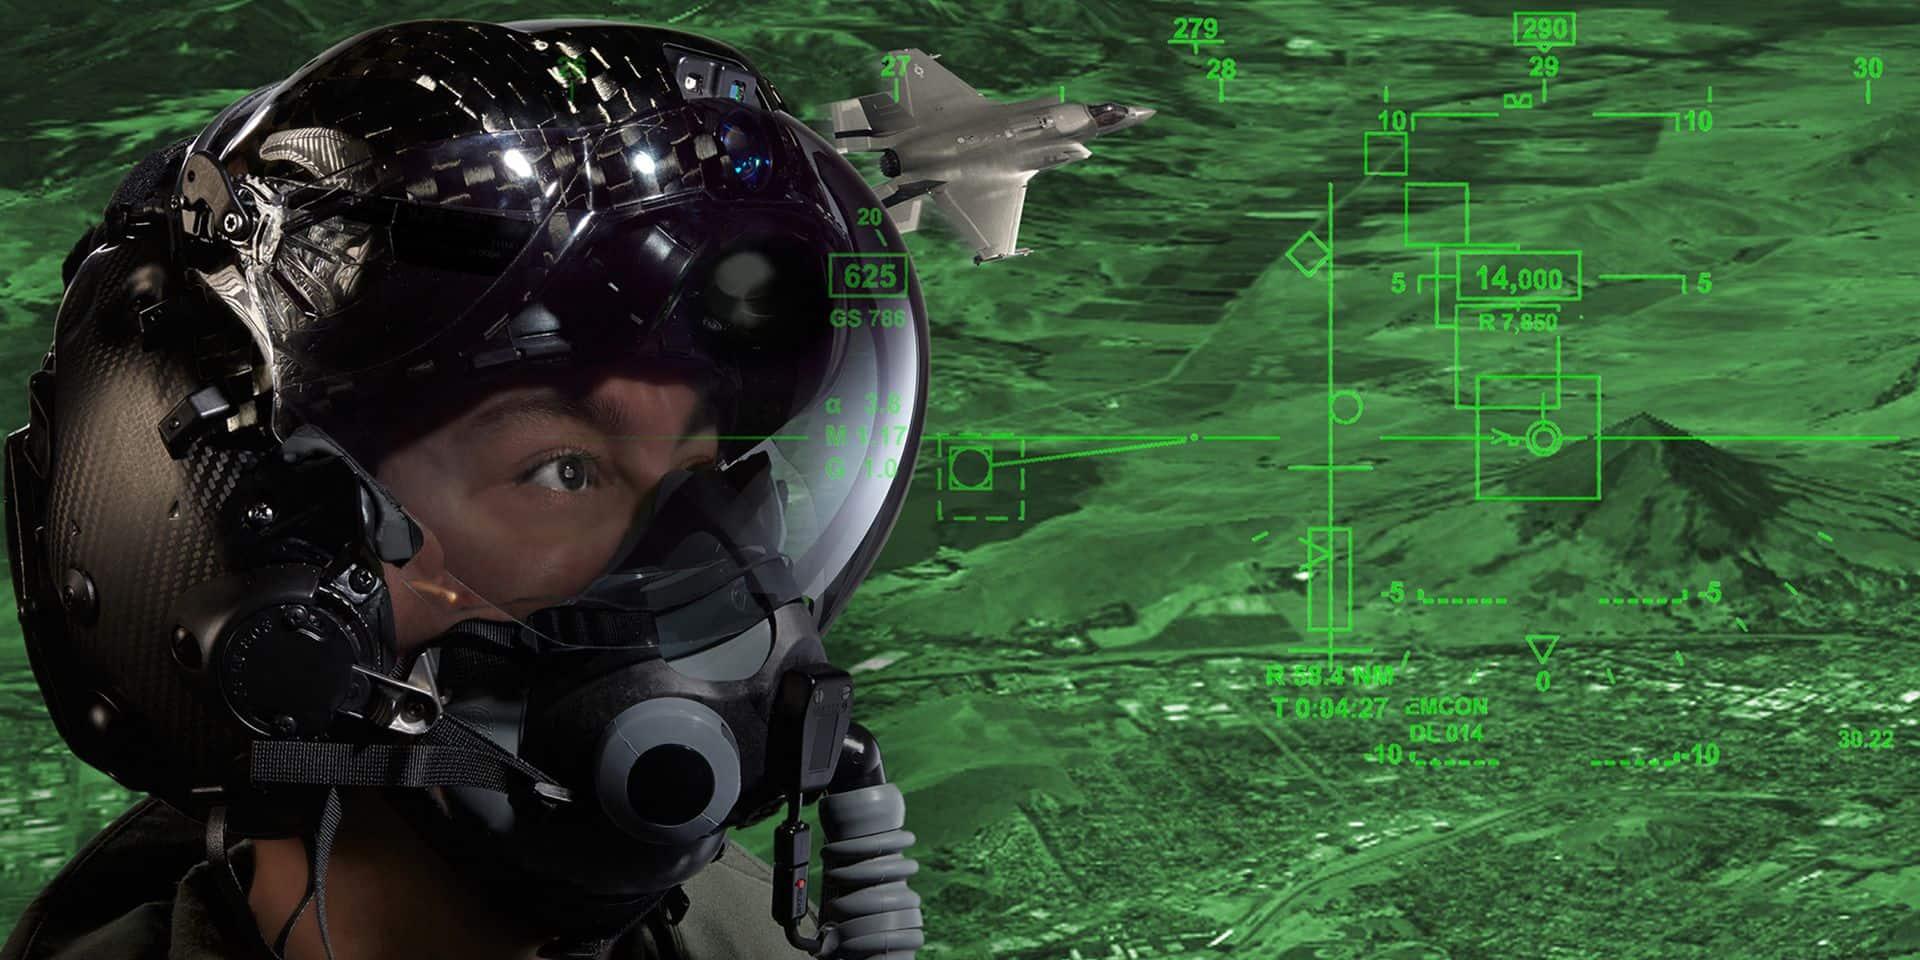 La Défense va acheter des casques à 270.000 euros l'unité pour les pilotes des futurs F-35: un matériel de pointe qui pourrait finalement coûter... plus du double!